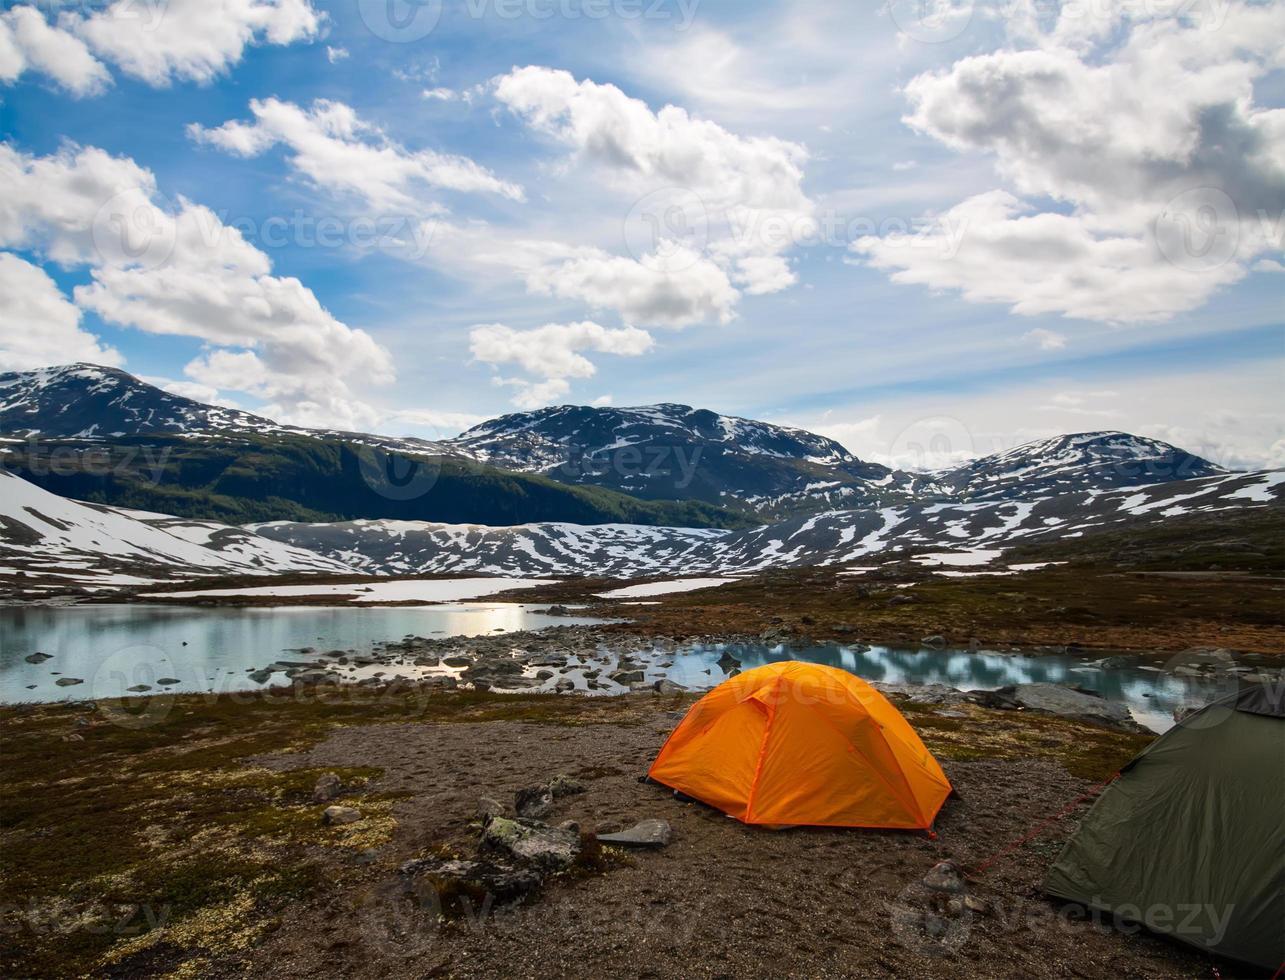 twee toeristische tenten, actieve levensstijl foto